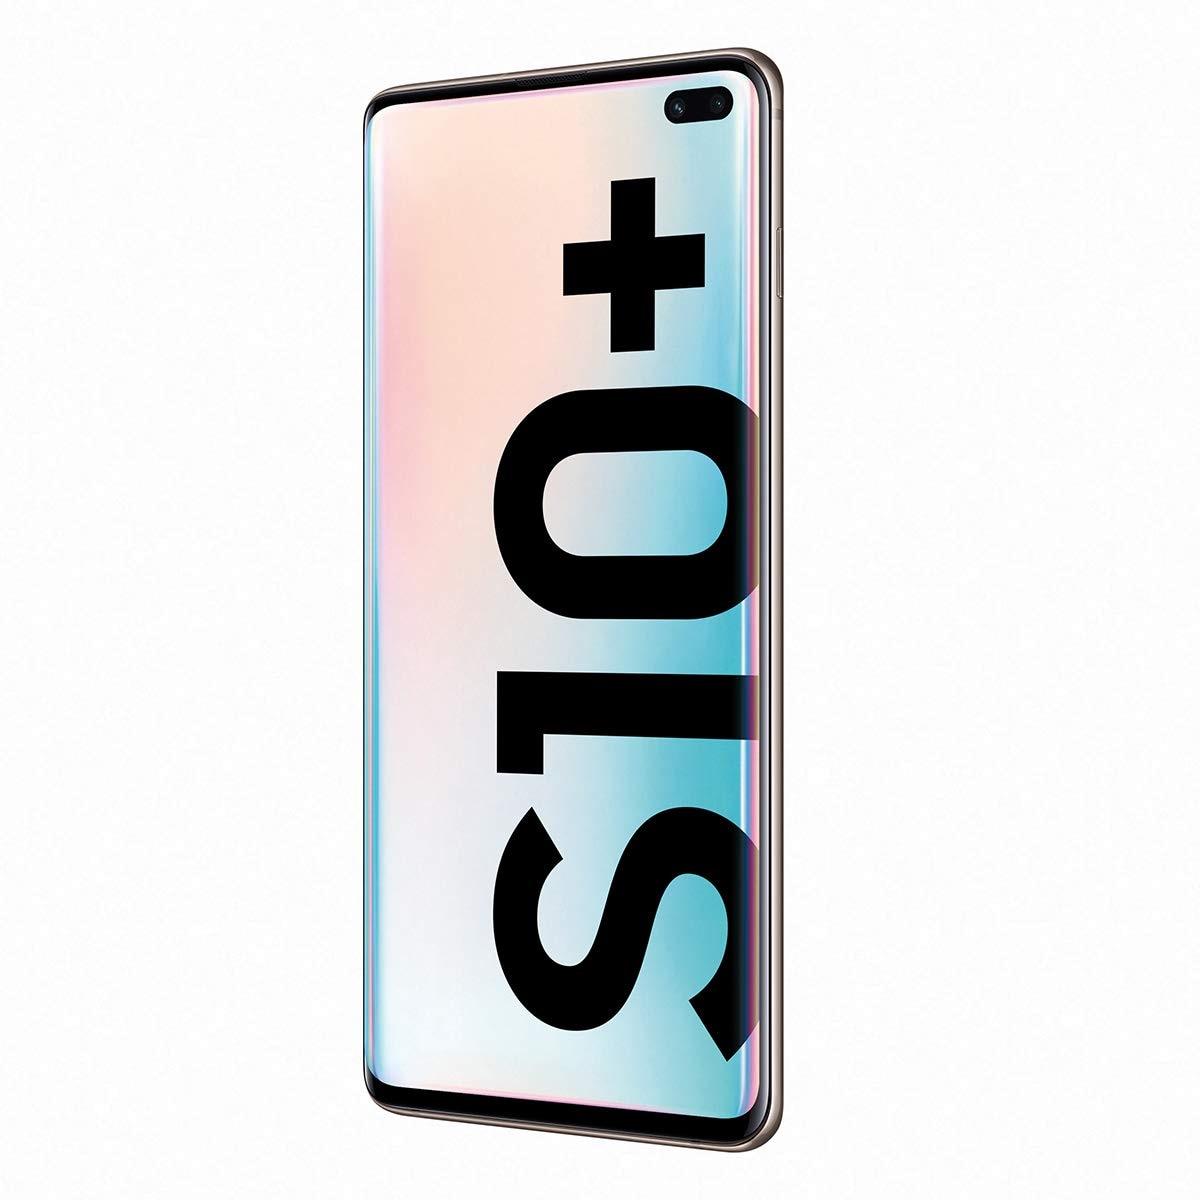 Samsung Galaxy S10 +, bande LTE/WiFi, double SIM, couleur noire (noir), 12 8 go de mémoire Interna, 8 go de RAM, écran D